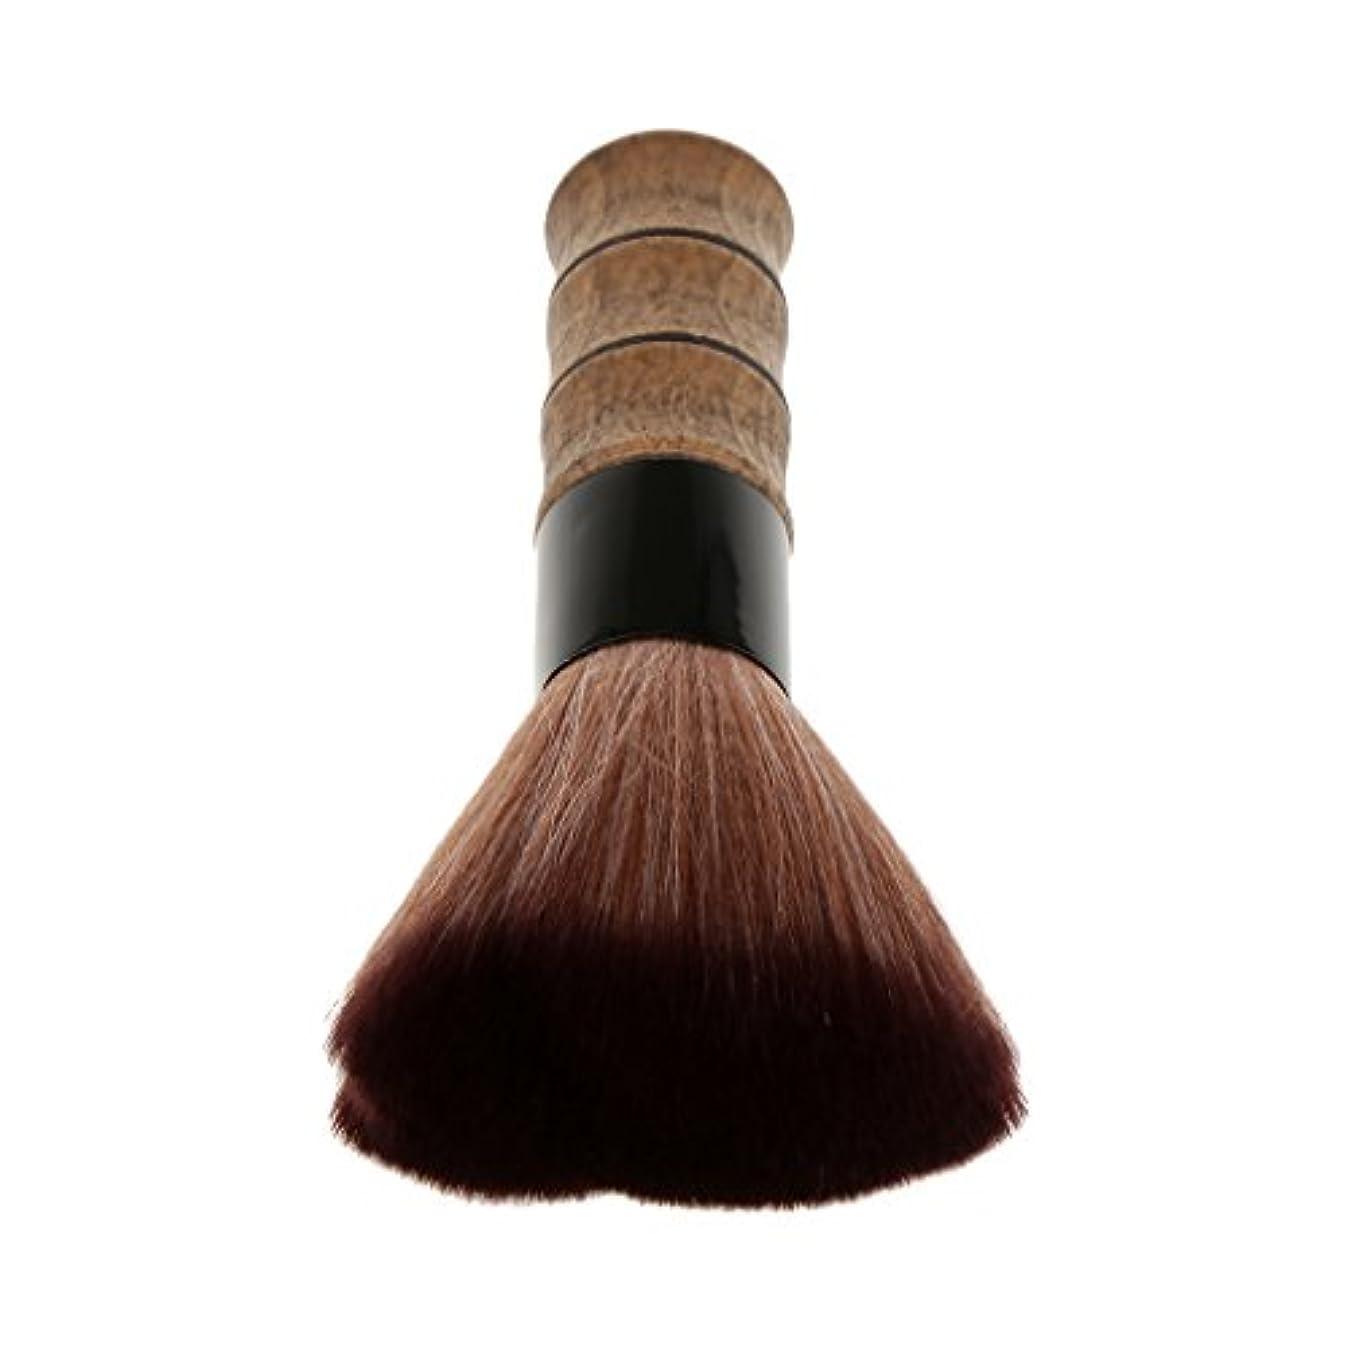 成り立つ眠り本顔の首の毛の切断の塵の剃るブラシの顔の赤面の粉の構造のブラシ - 褐色